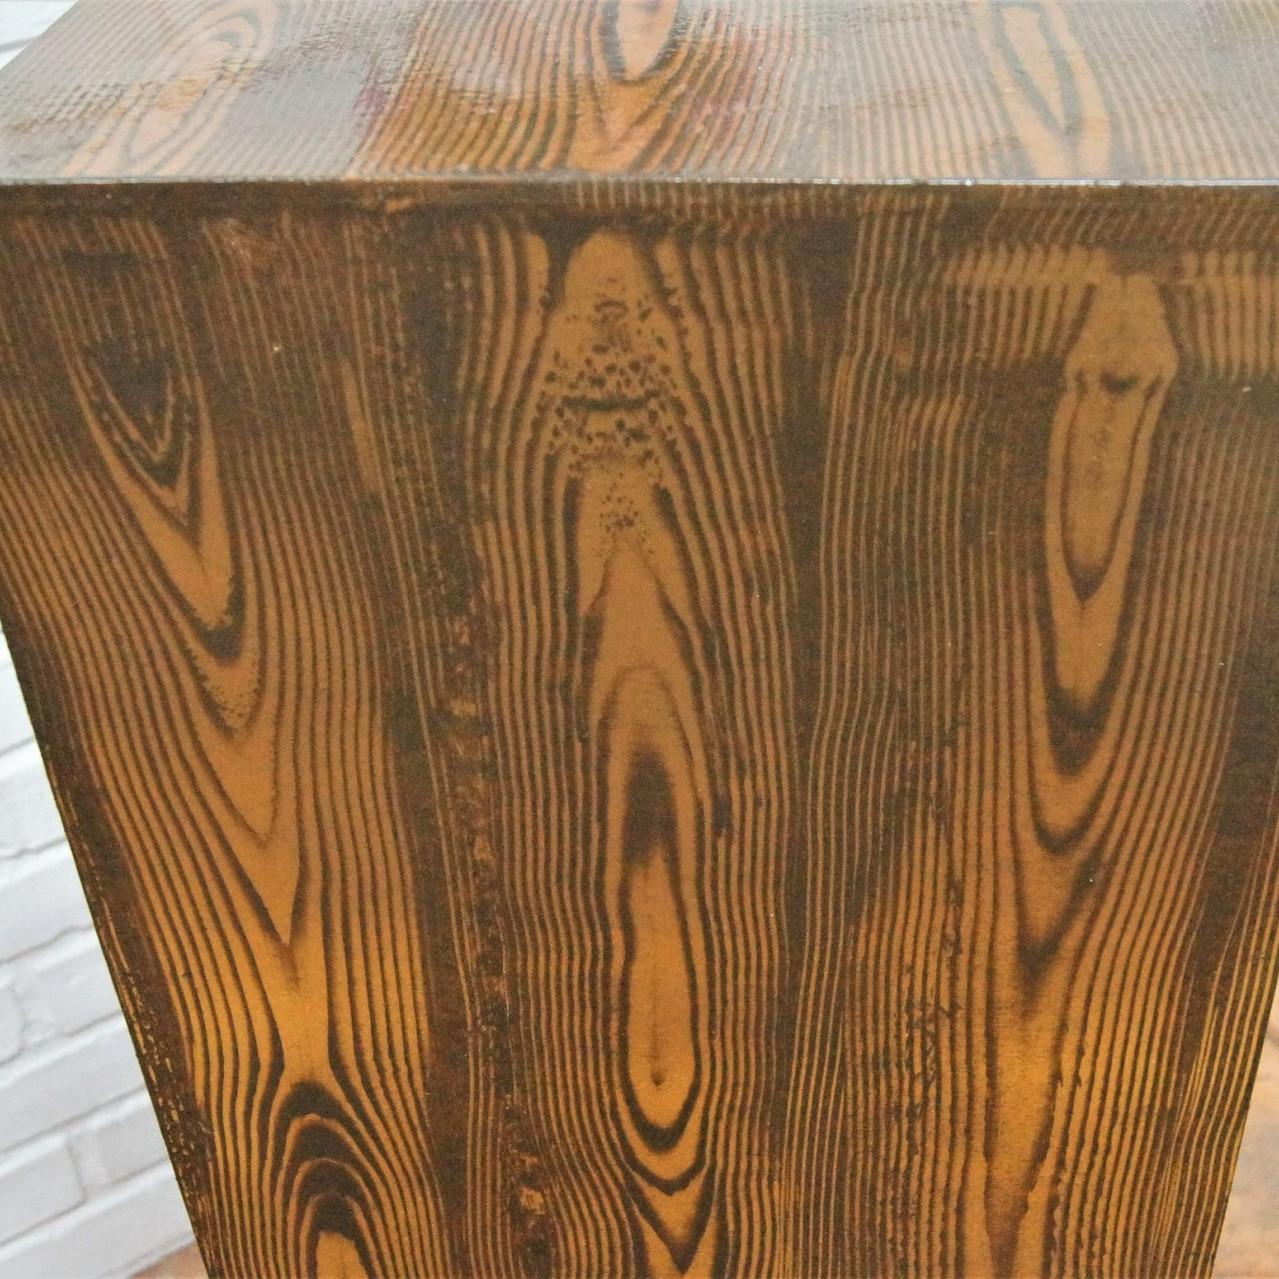 โต๊ะลากลายไม้_๒๐๐๖๑๖_0002